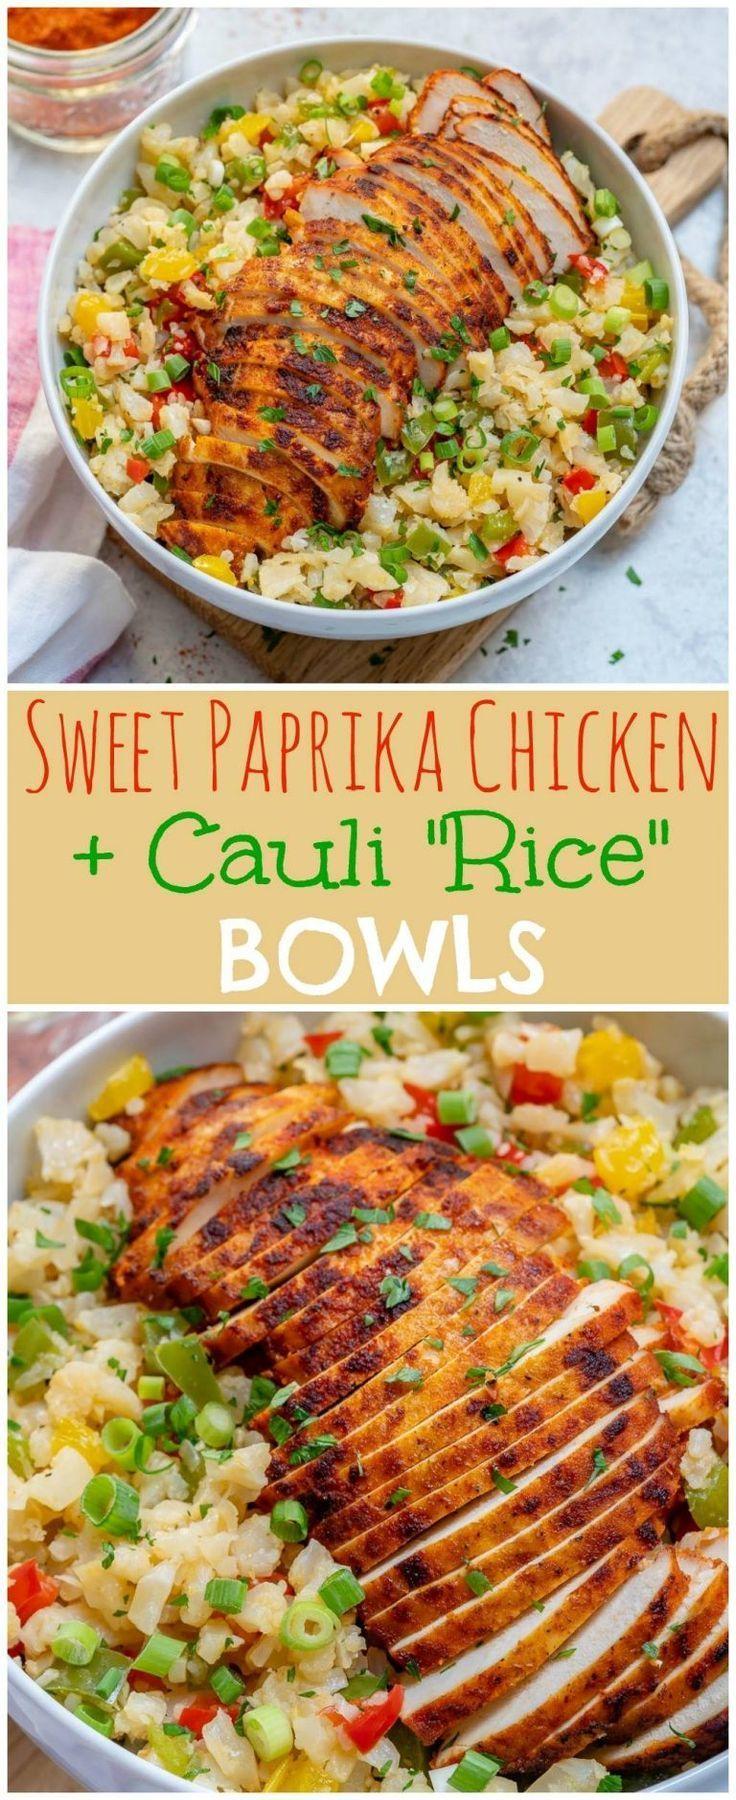 """Sweet Paprika Chicken + Cauli """"Rice"""" Bowls"""